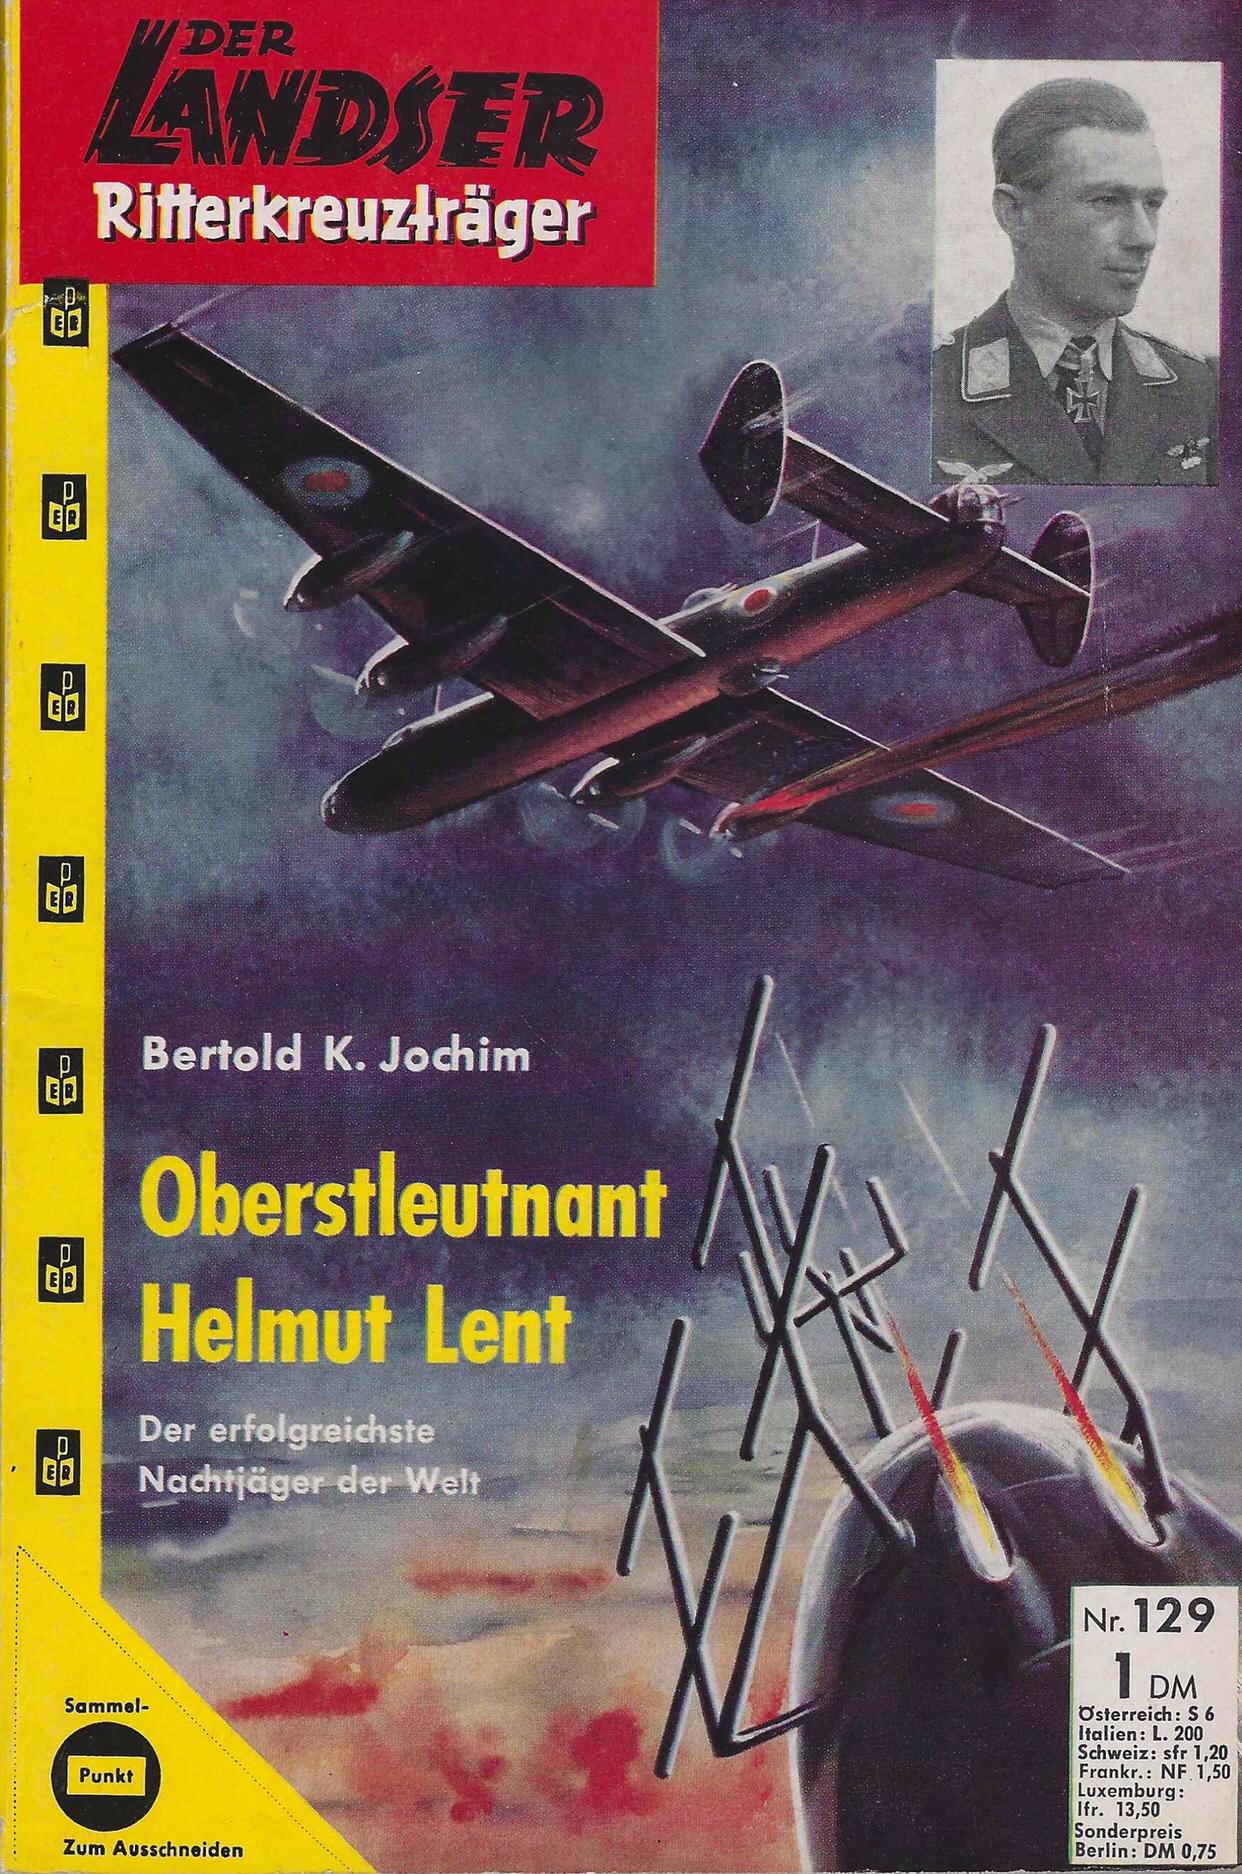 Berthold K. Jochim Oberstelutnat Helmut Lent Landserheft Nr. 129